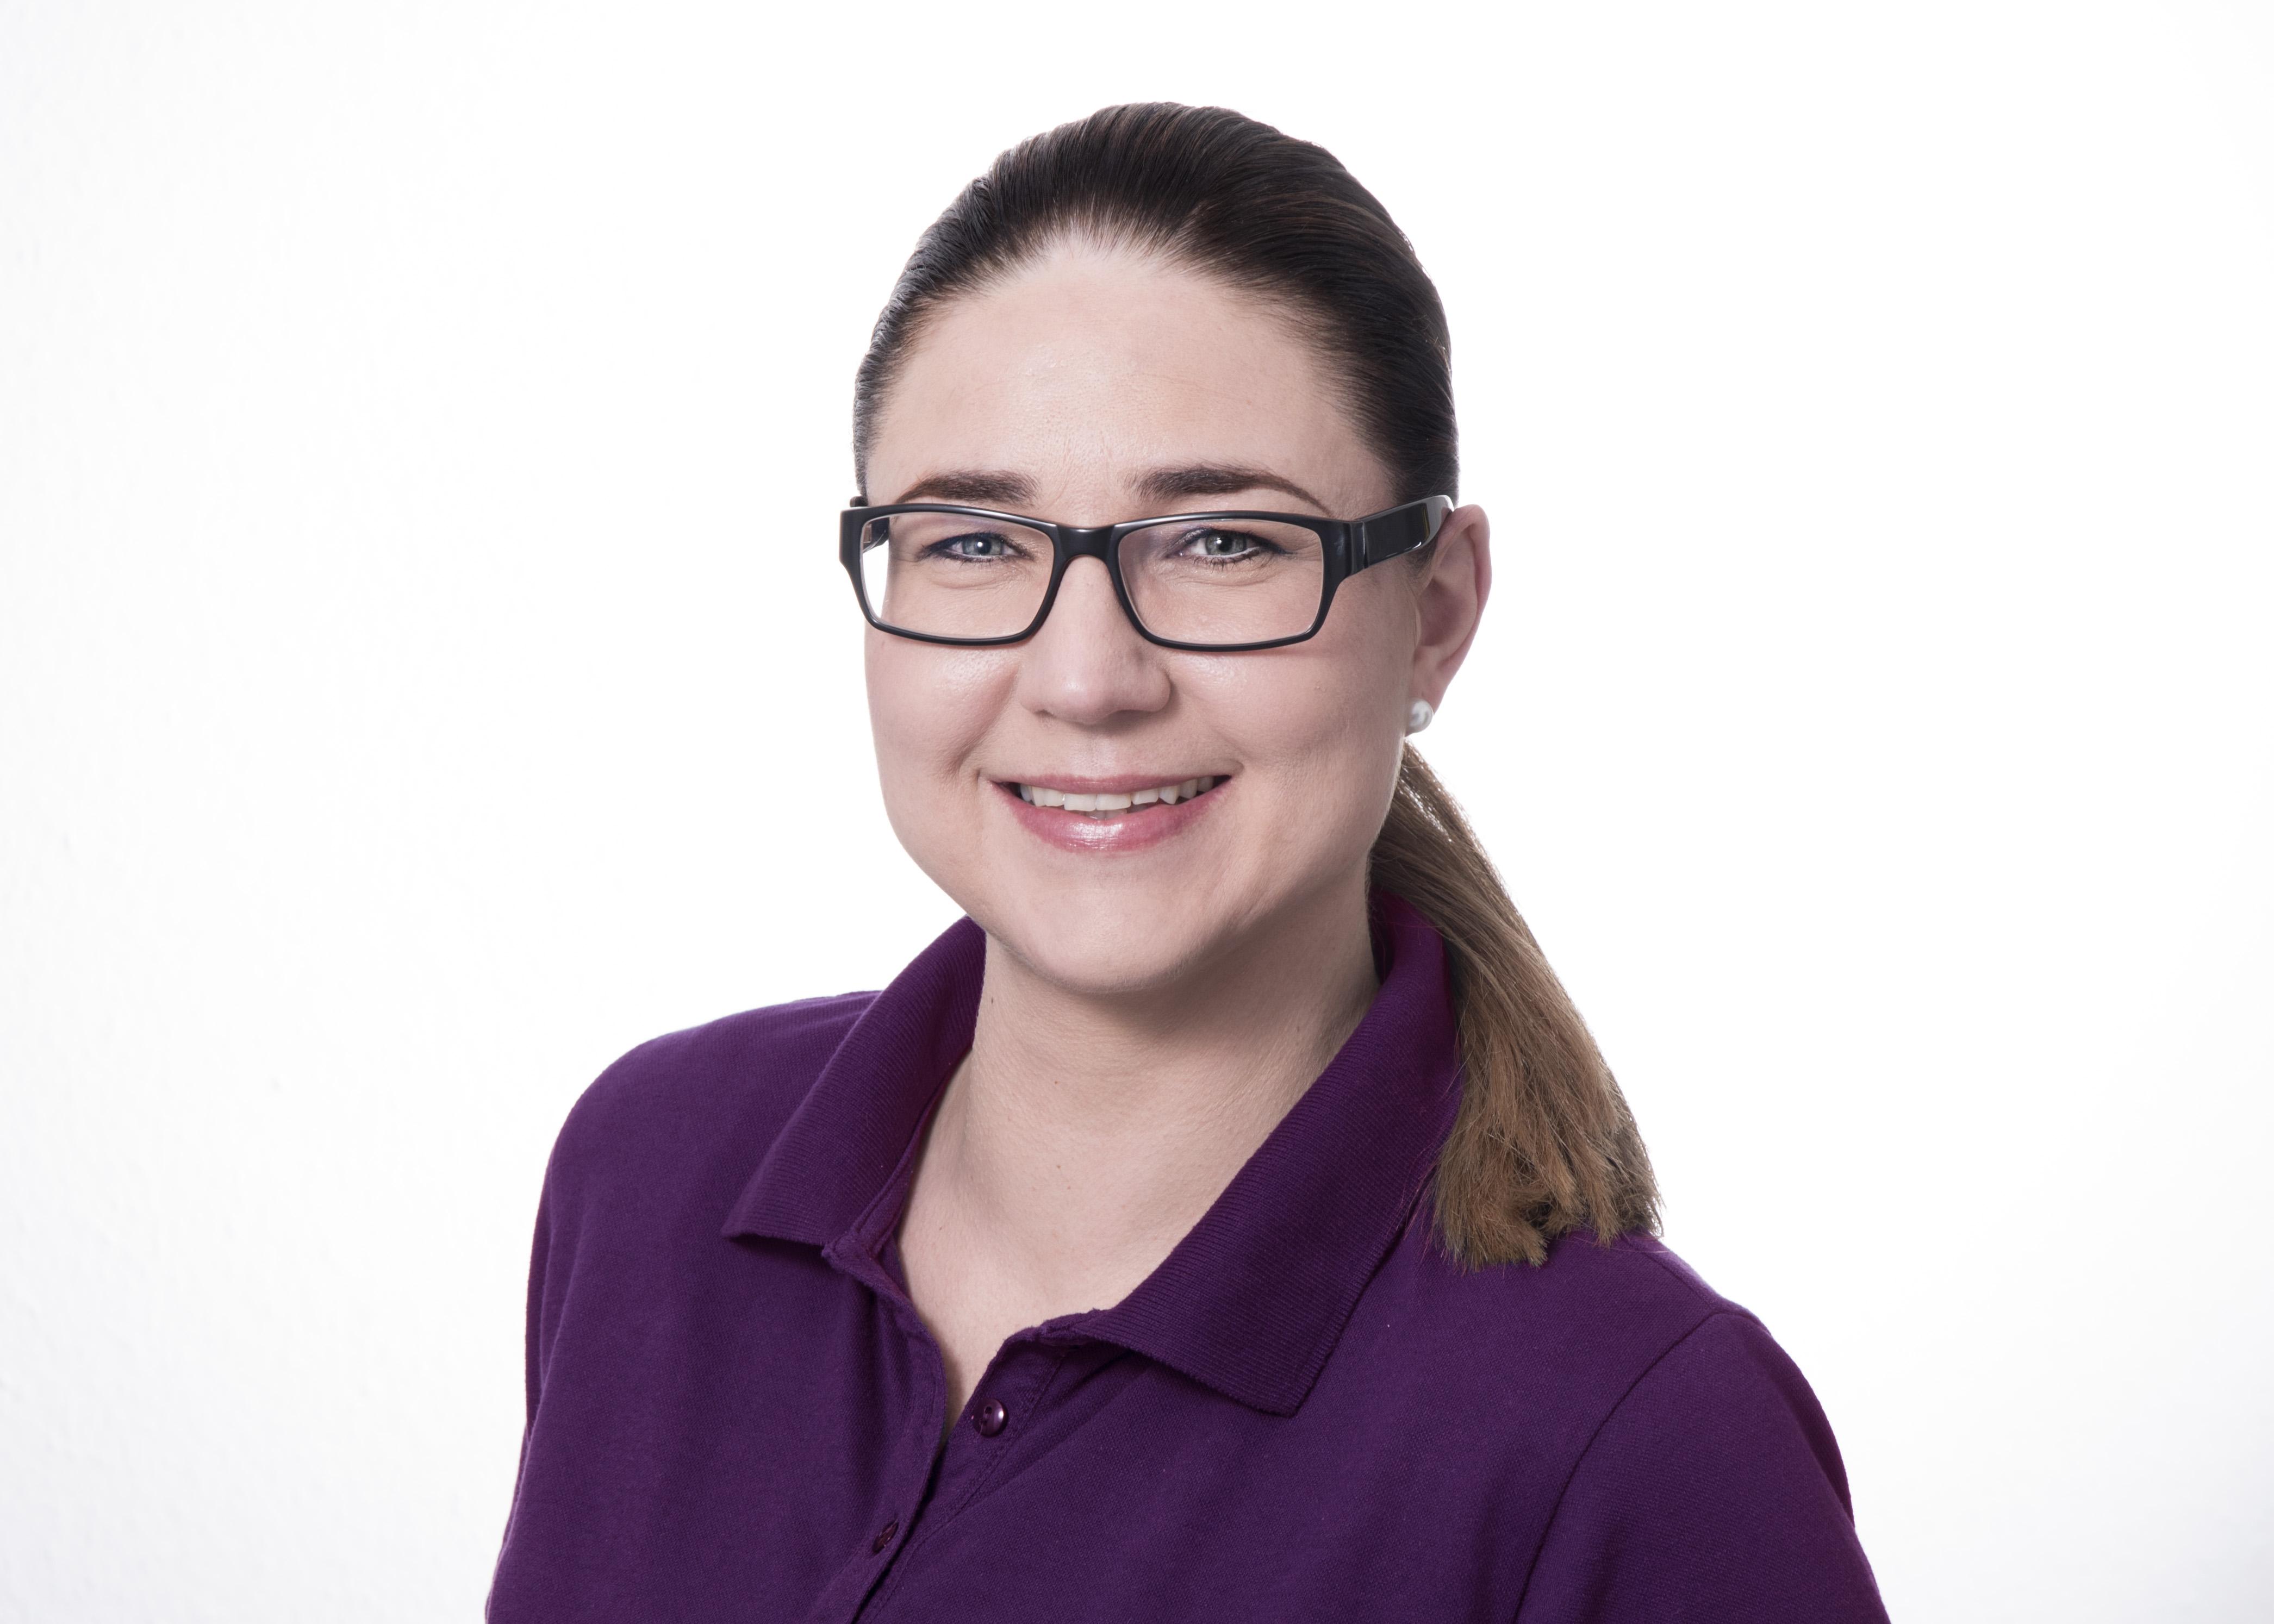 Kerstin Schmidle